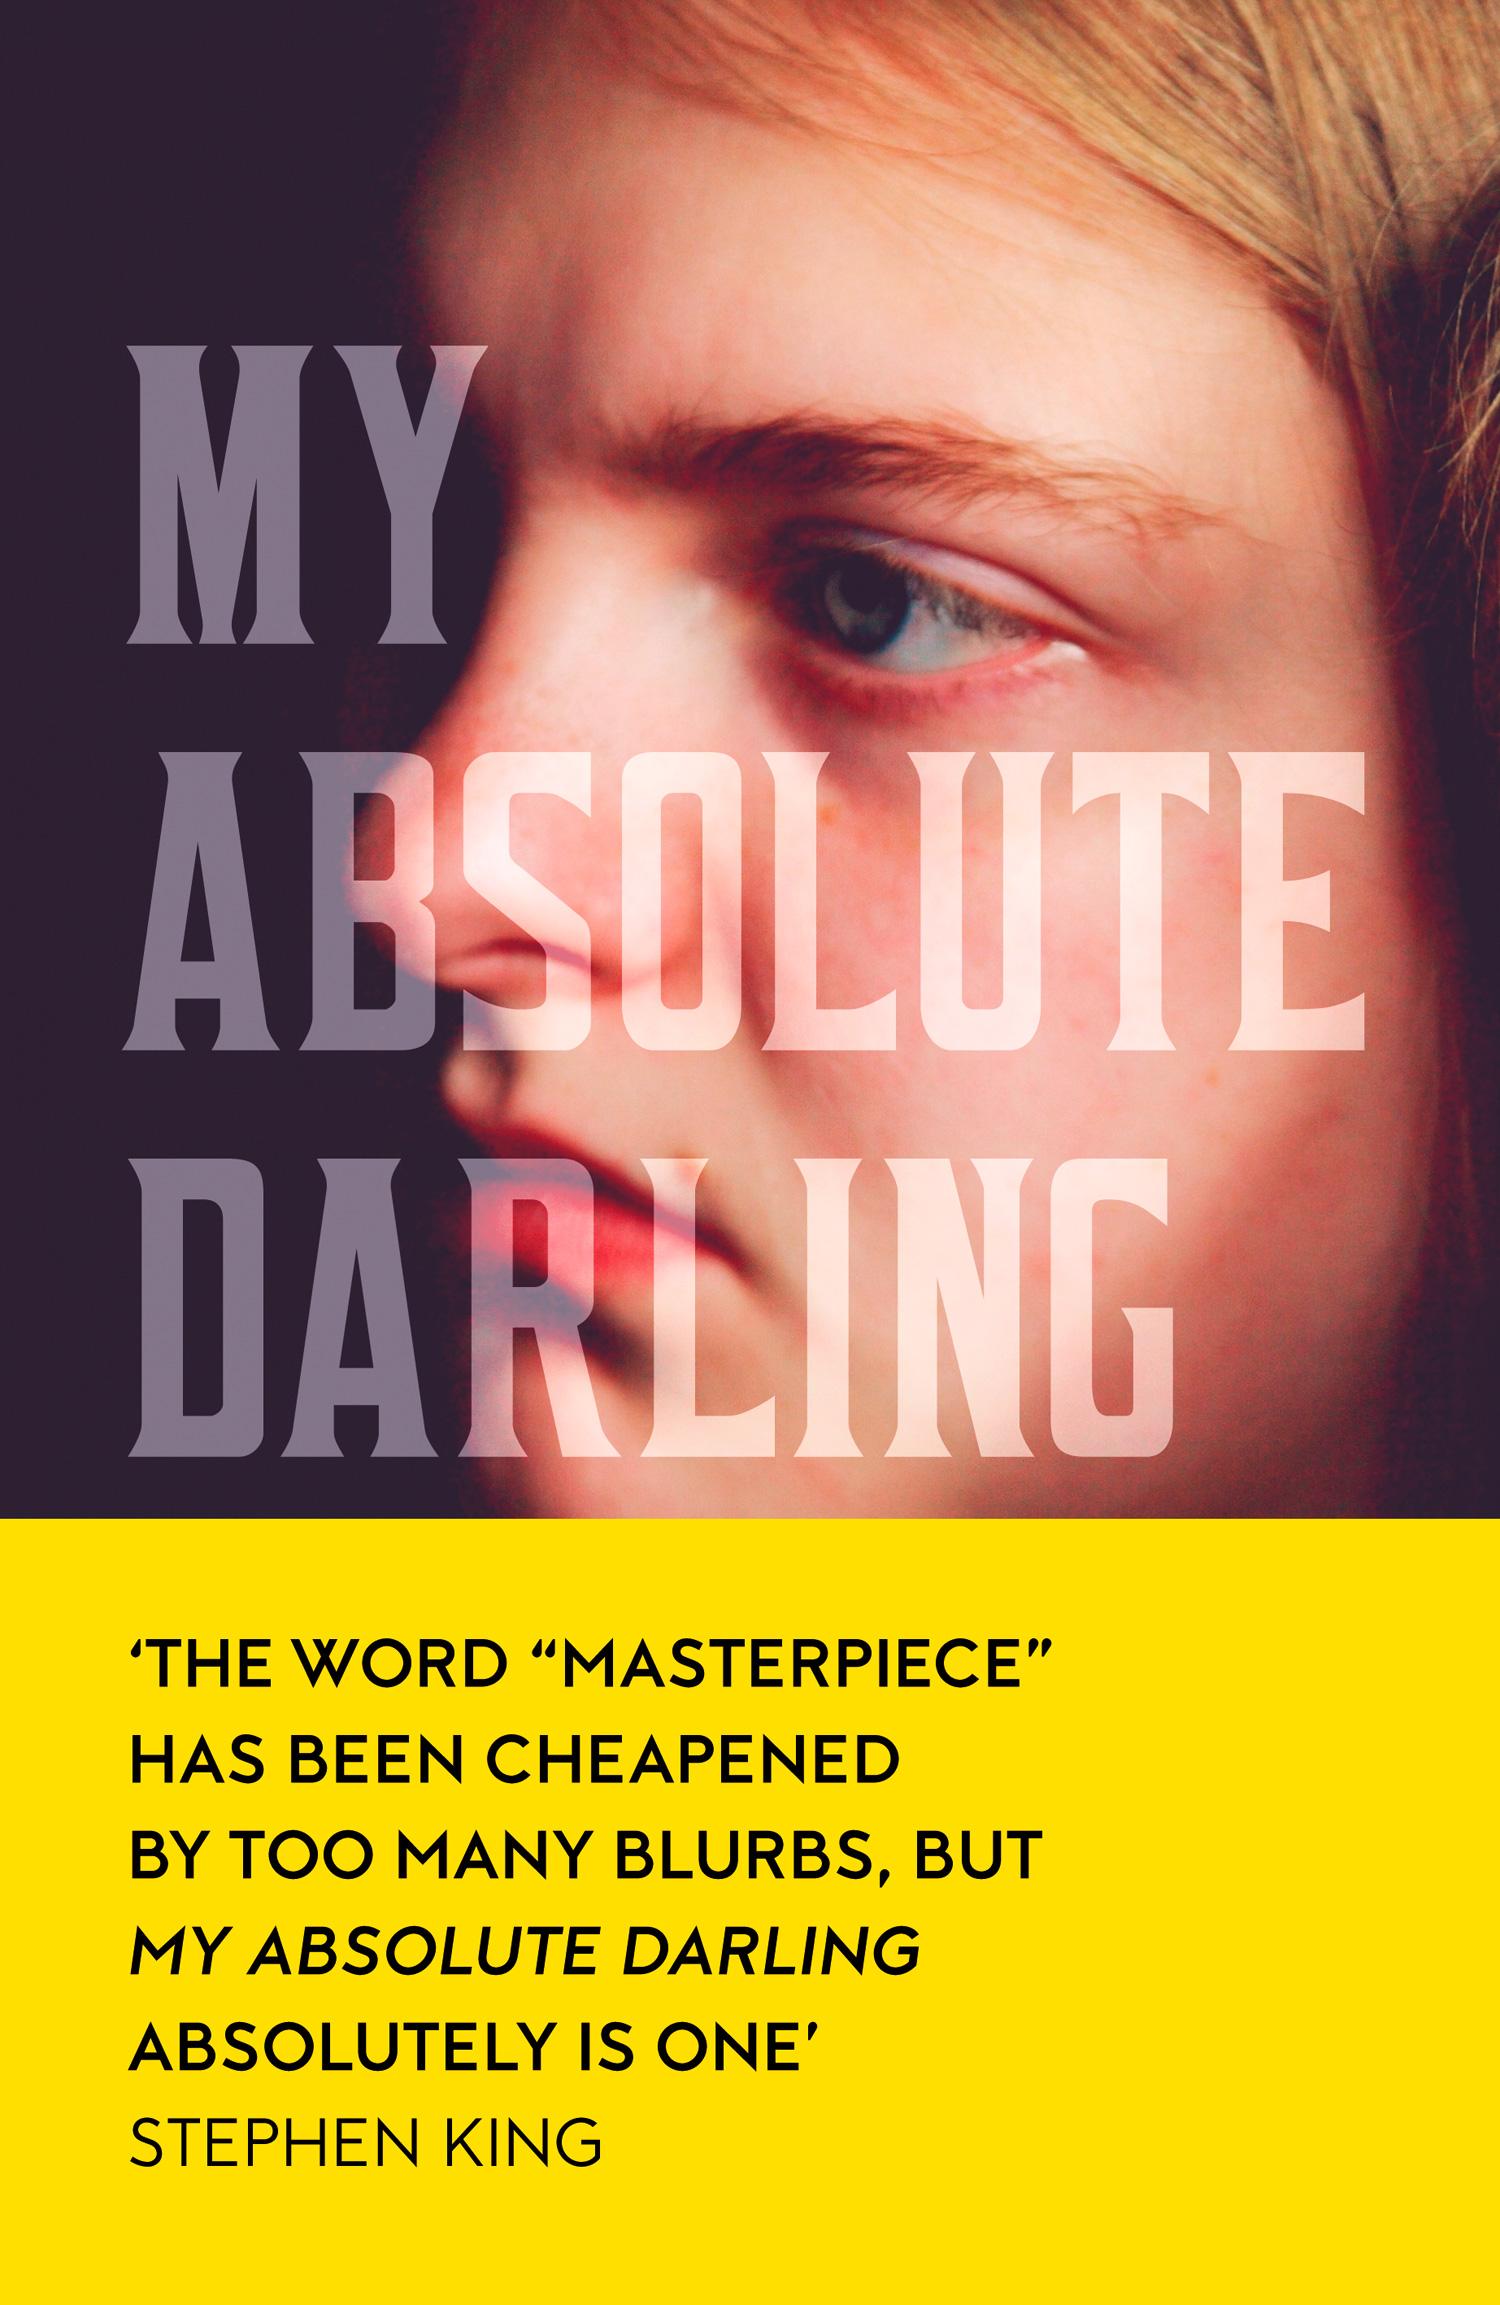 My Absolute Darling Cover.JPG